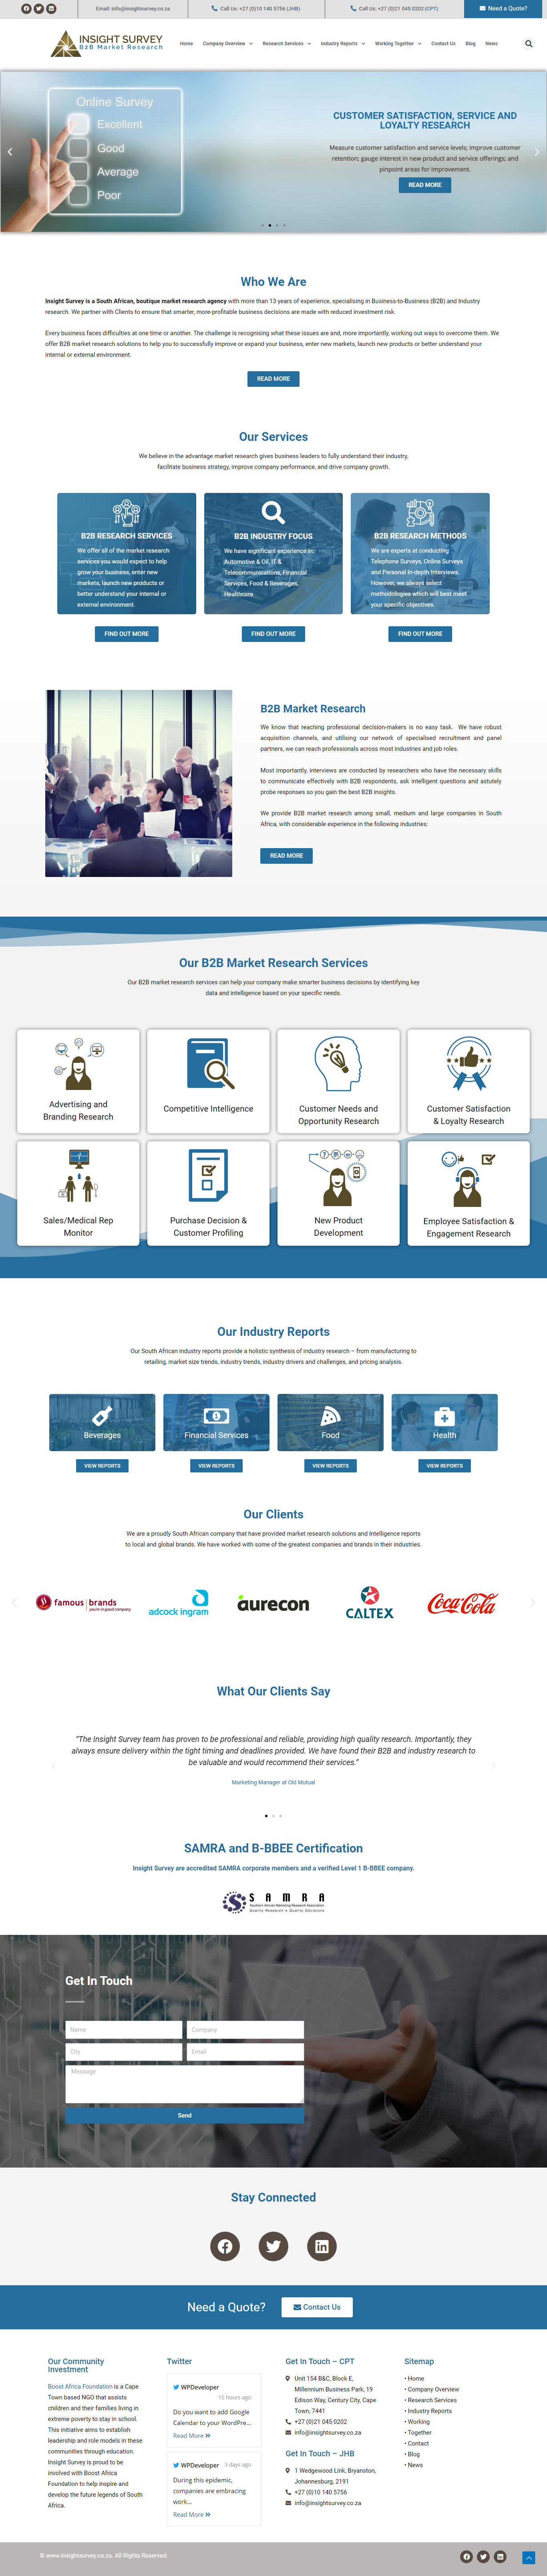 Design wordpress website and redesign wordpress website